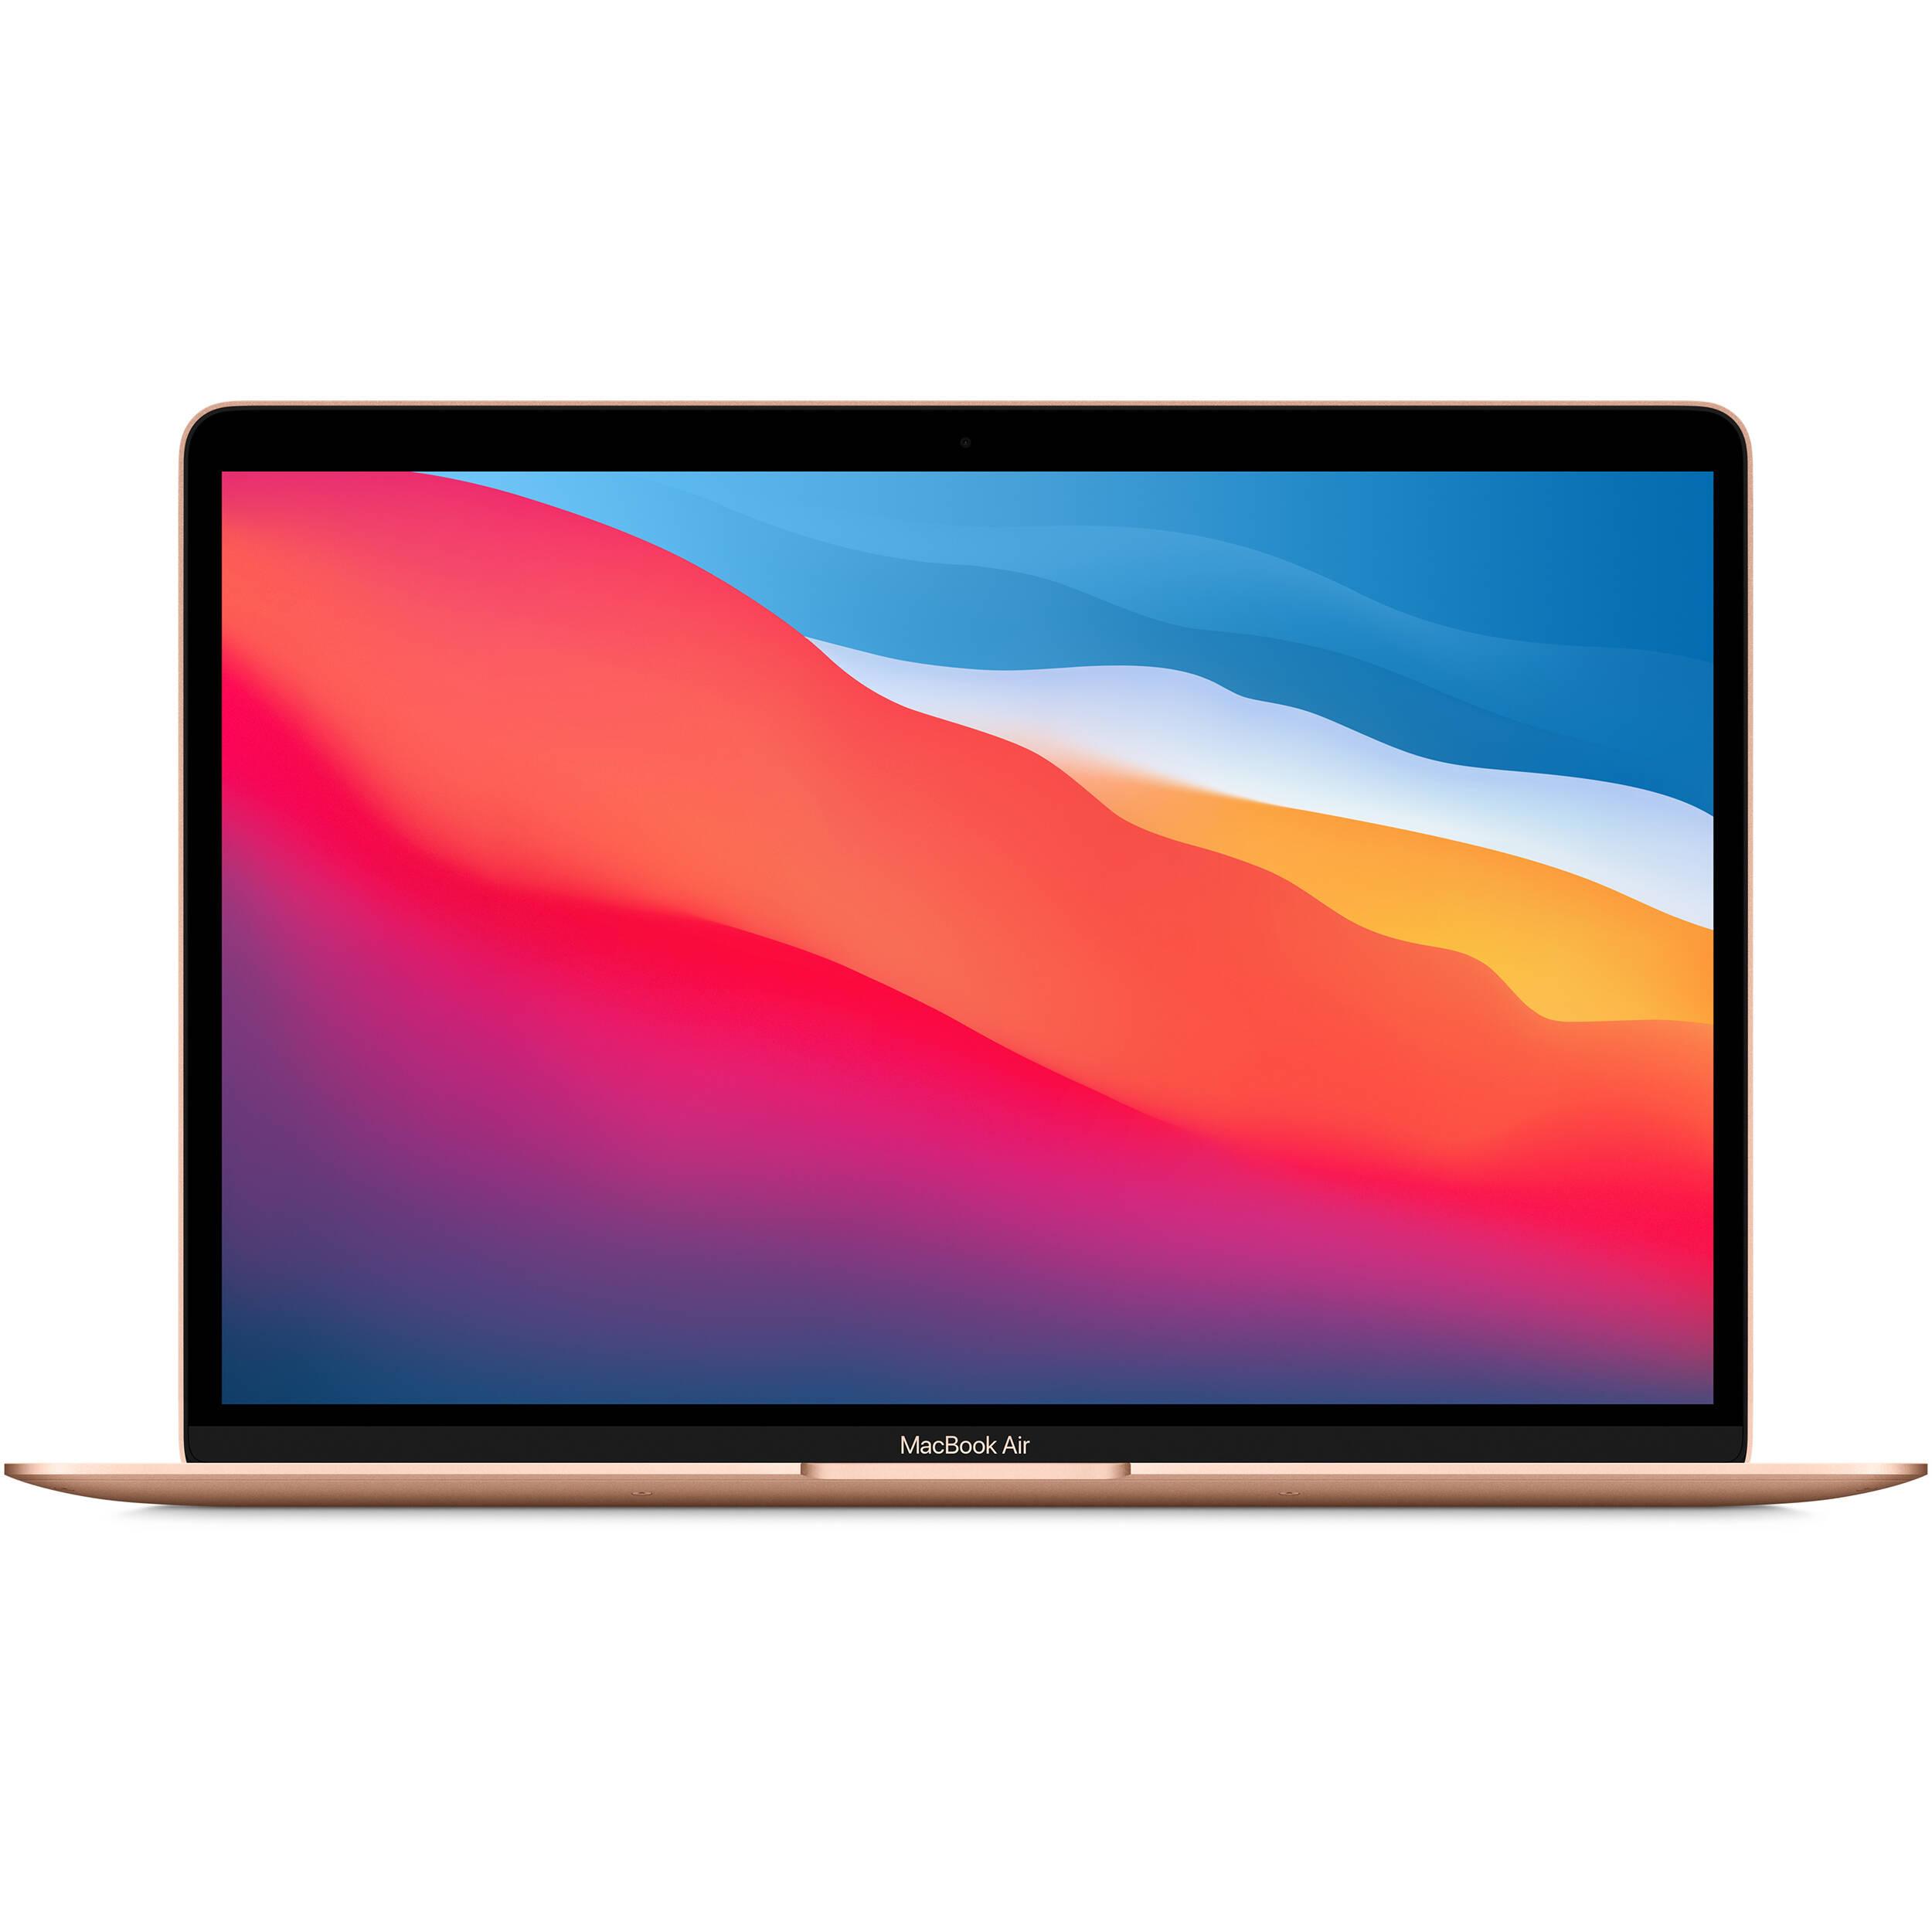 فروش نقدی و اقساطی لپ تاپ 13 اینچی اپل مدل MacBook Air MGNE3 2020